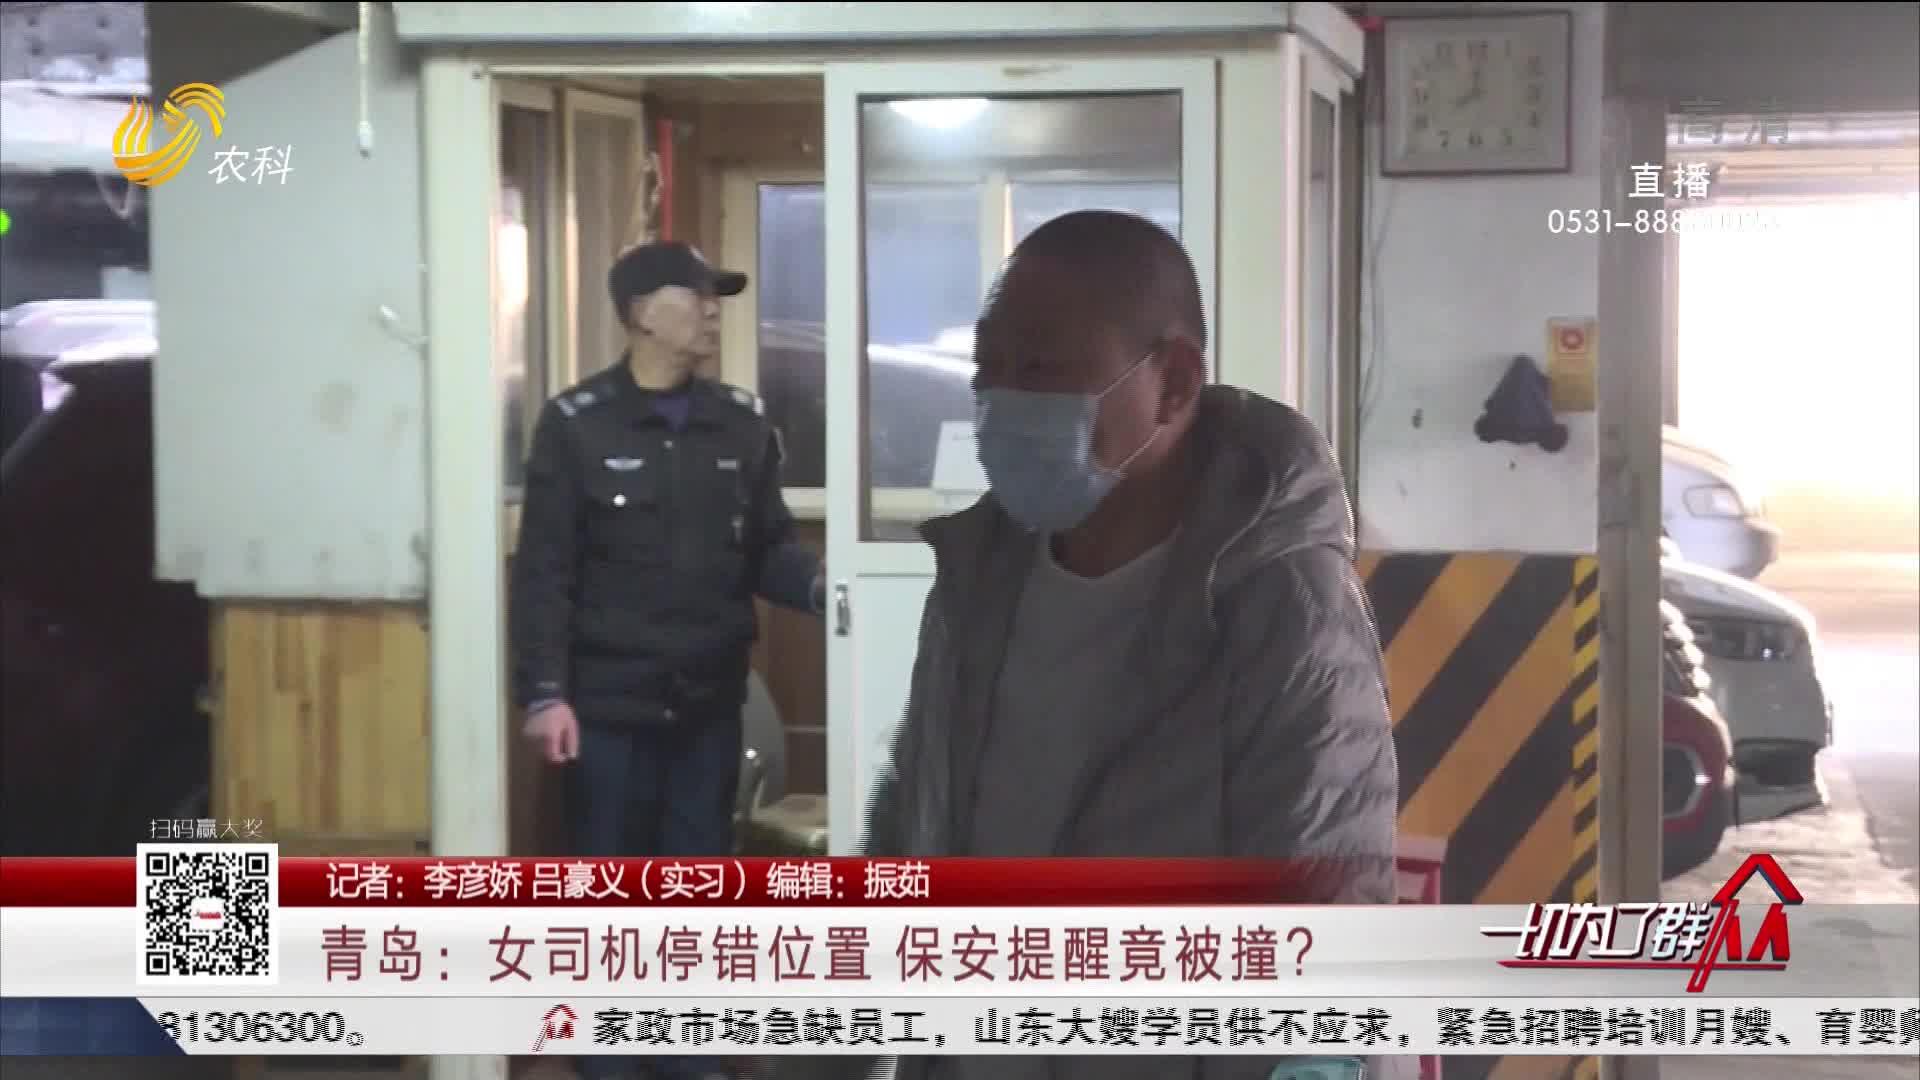 青岛:女司机停错位置 保安提醒竟被撞?